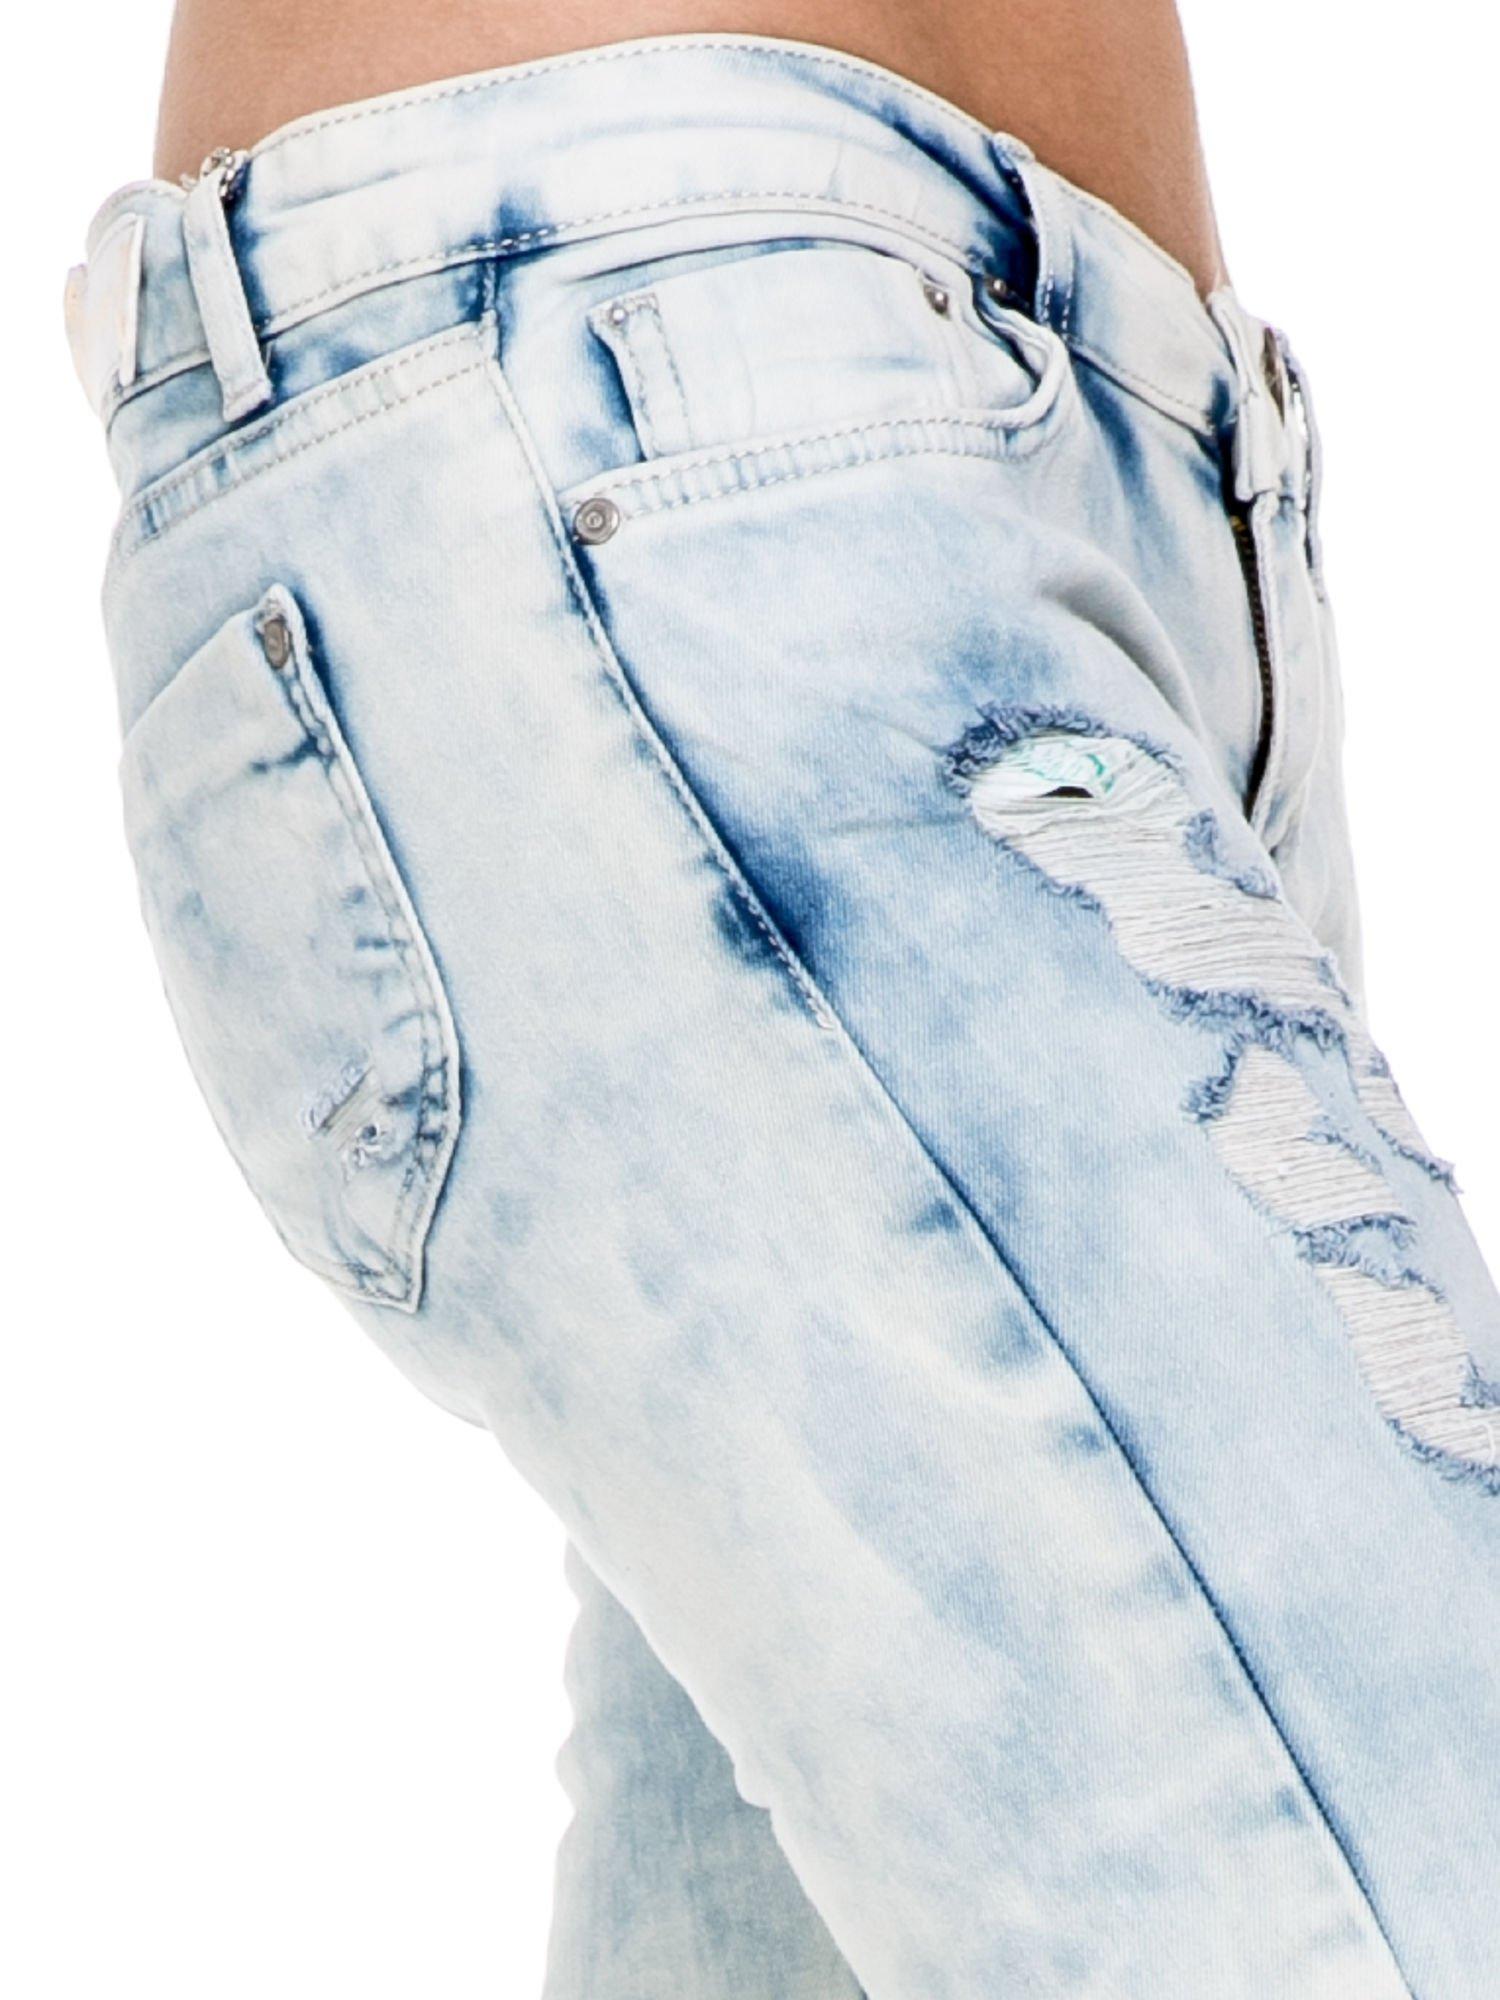 Jasnoniebieskie spodnie jeansowe rurki z przetarciami i poszarpaną na dole nogawką                                  zdj.                                  6